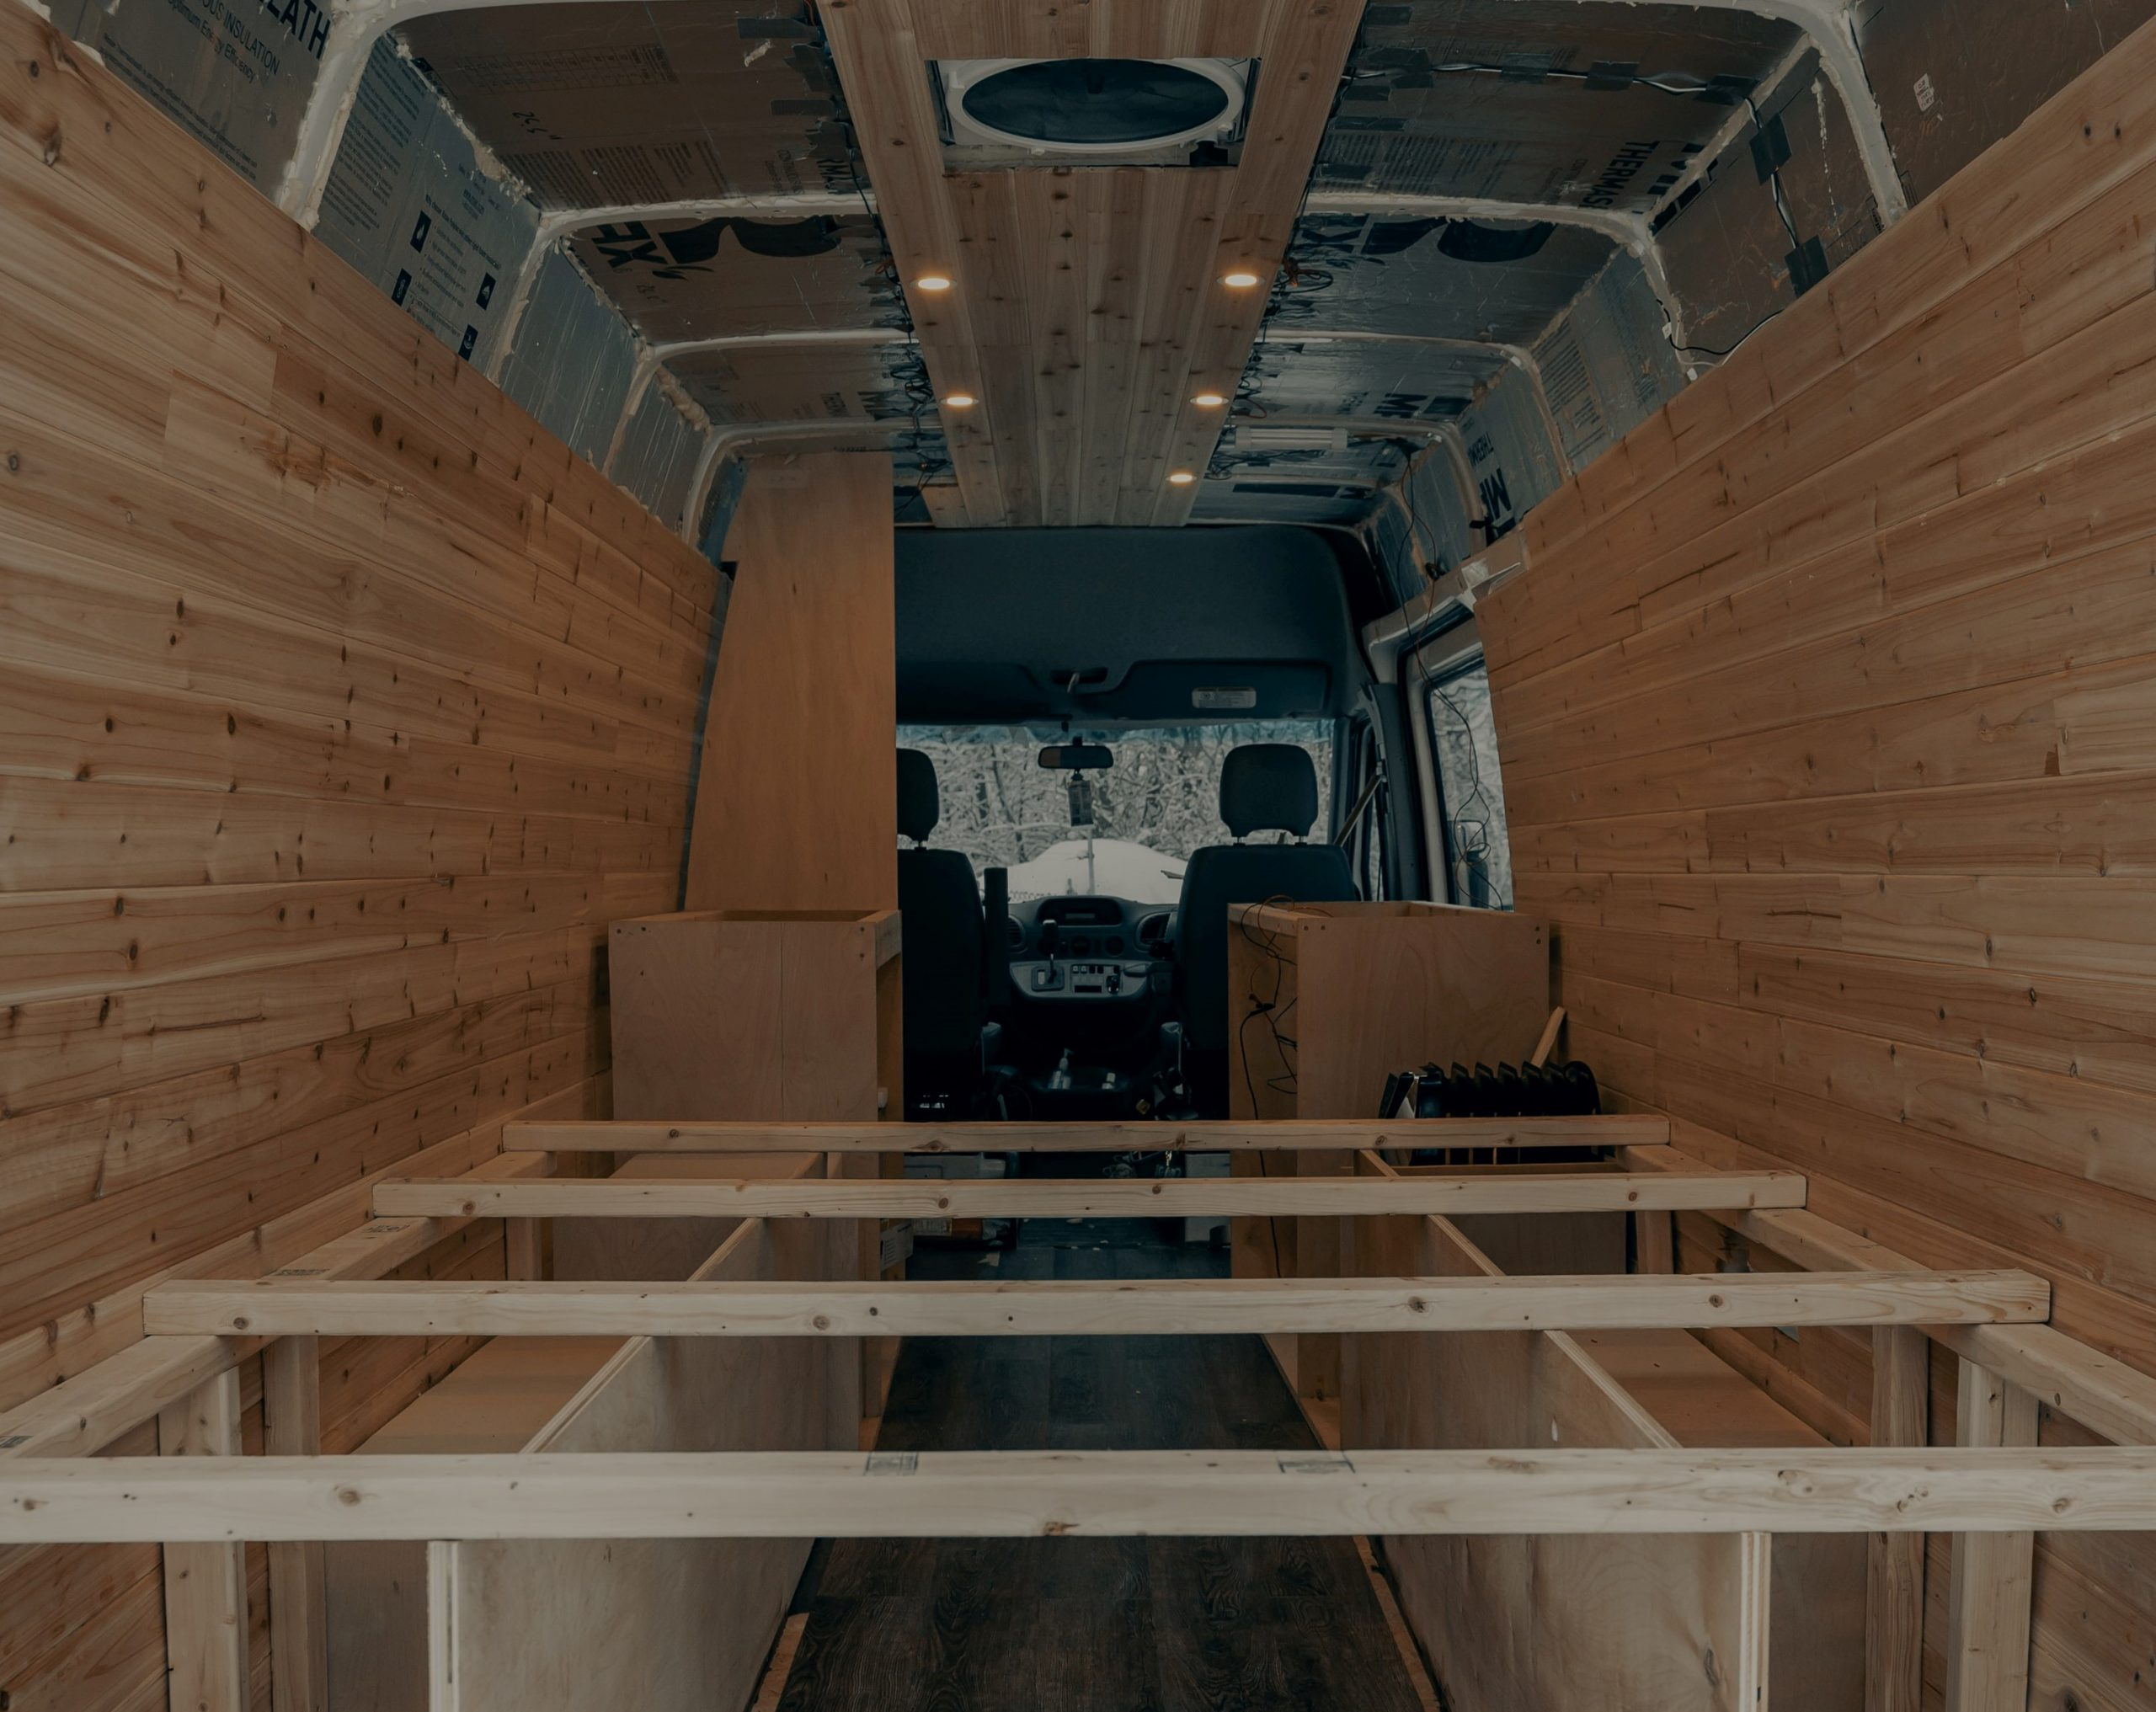 Best van for camper conversion example of van being converted